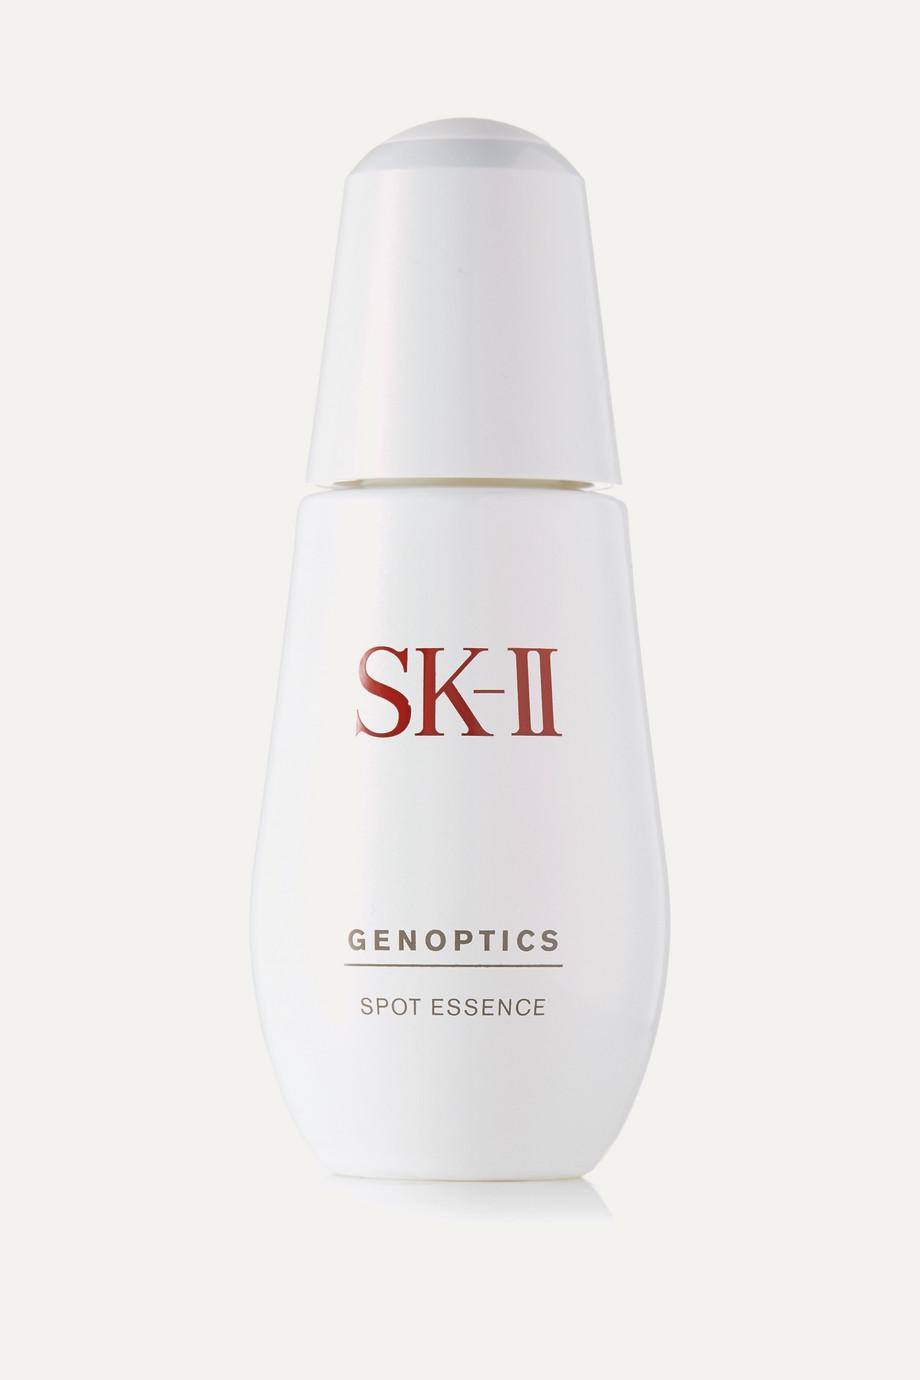 SK-II GenOptics Spot Essence, 50ml